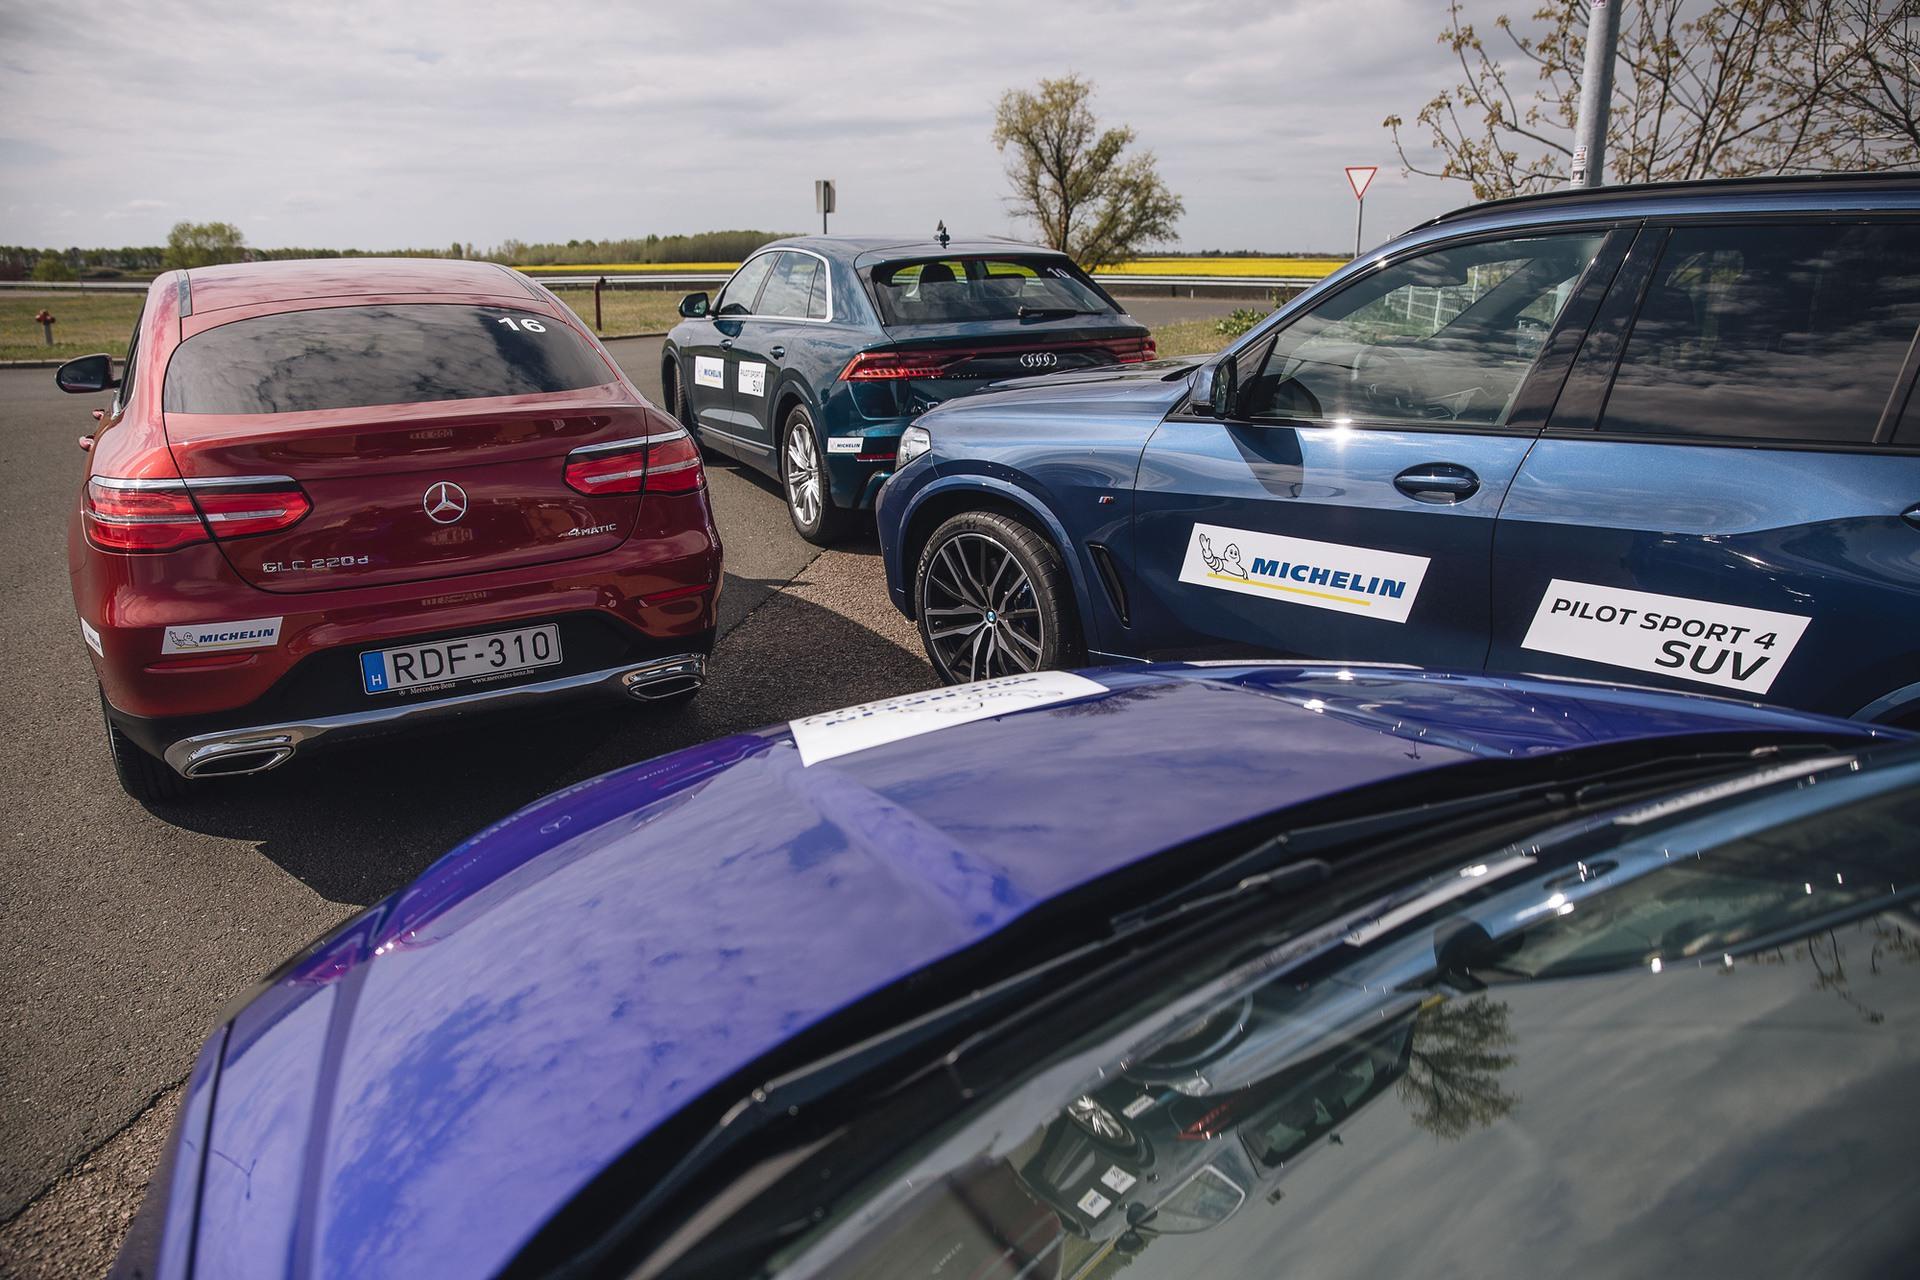 Michelin_Pilot_Sport_4_SUV_0062